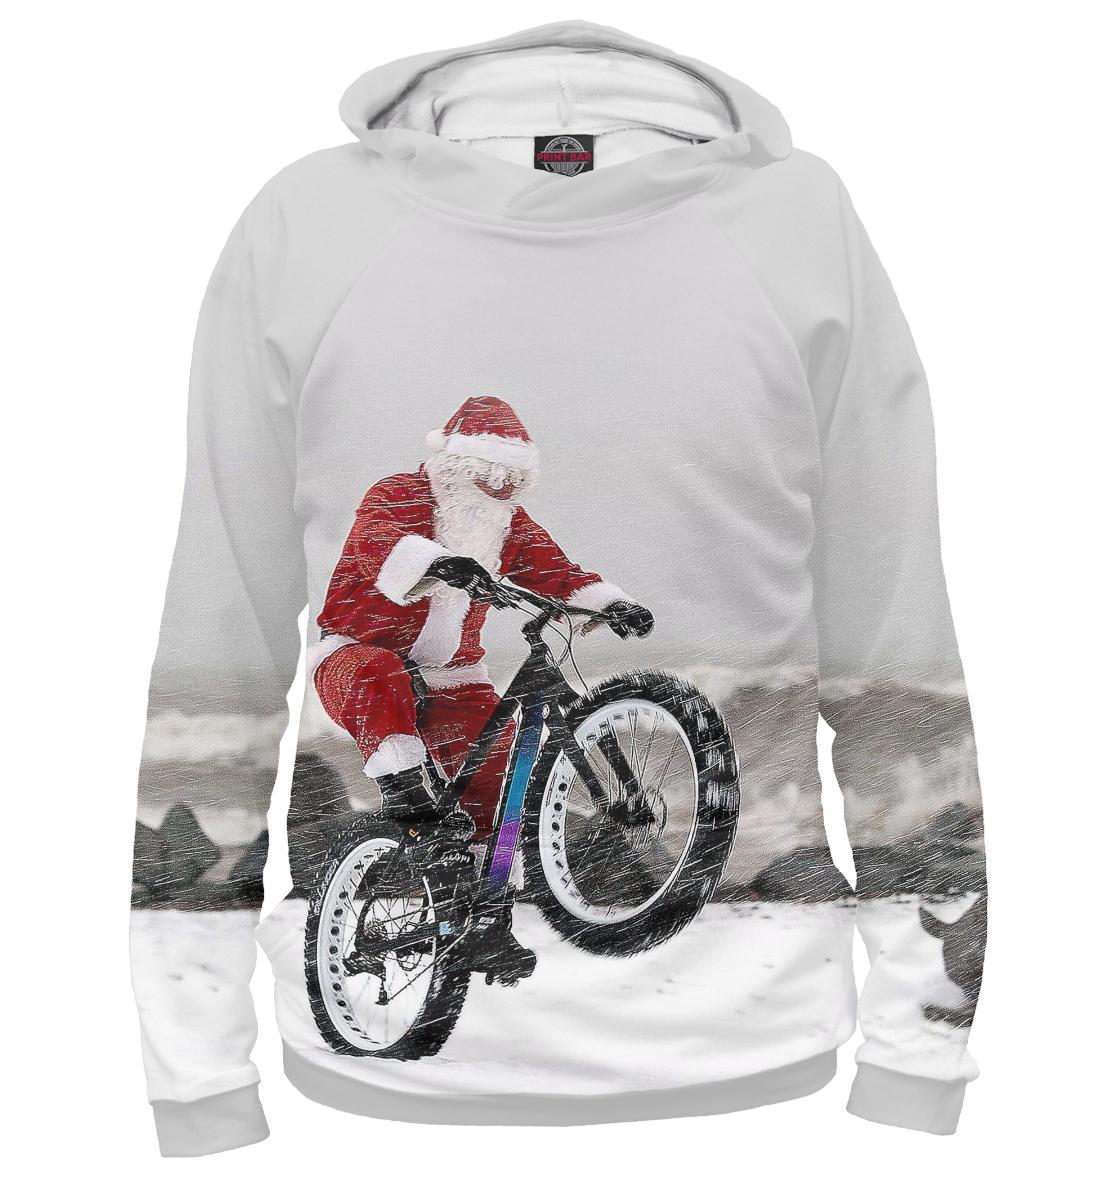 Купить Дед Мороз и его БАЙК, Printbar, Худи, NOV-931405-hud-1